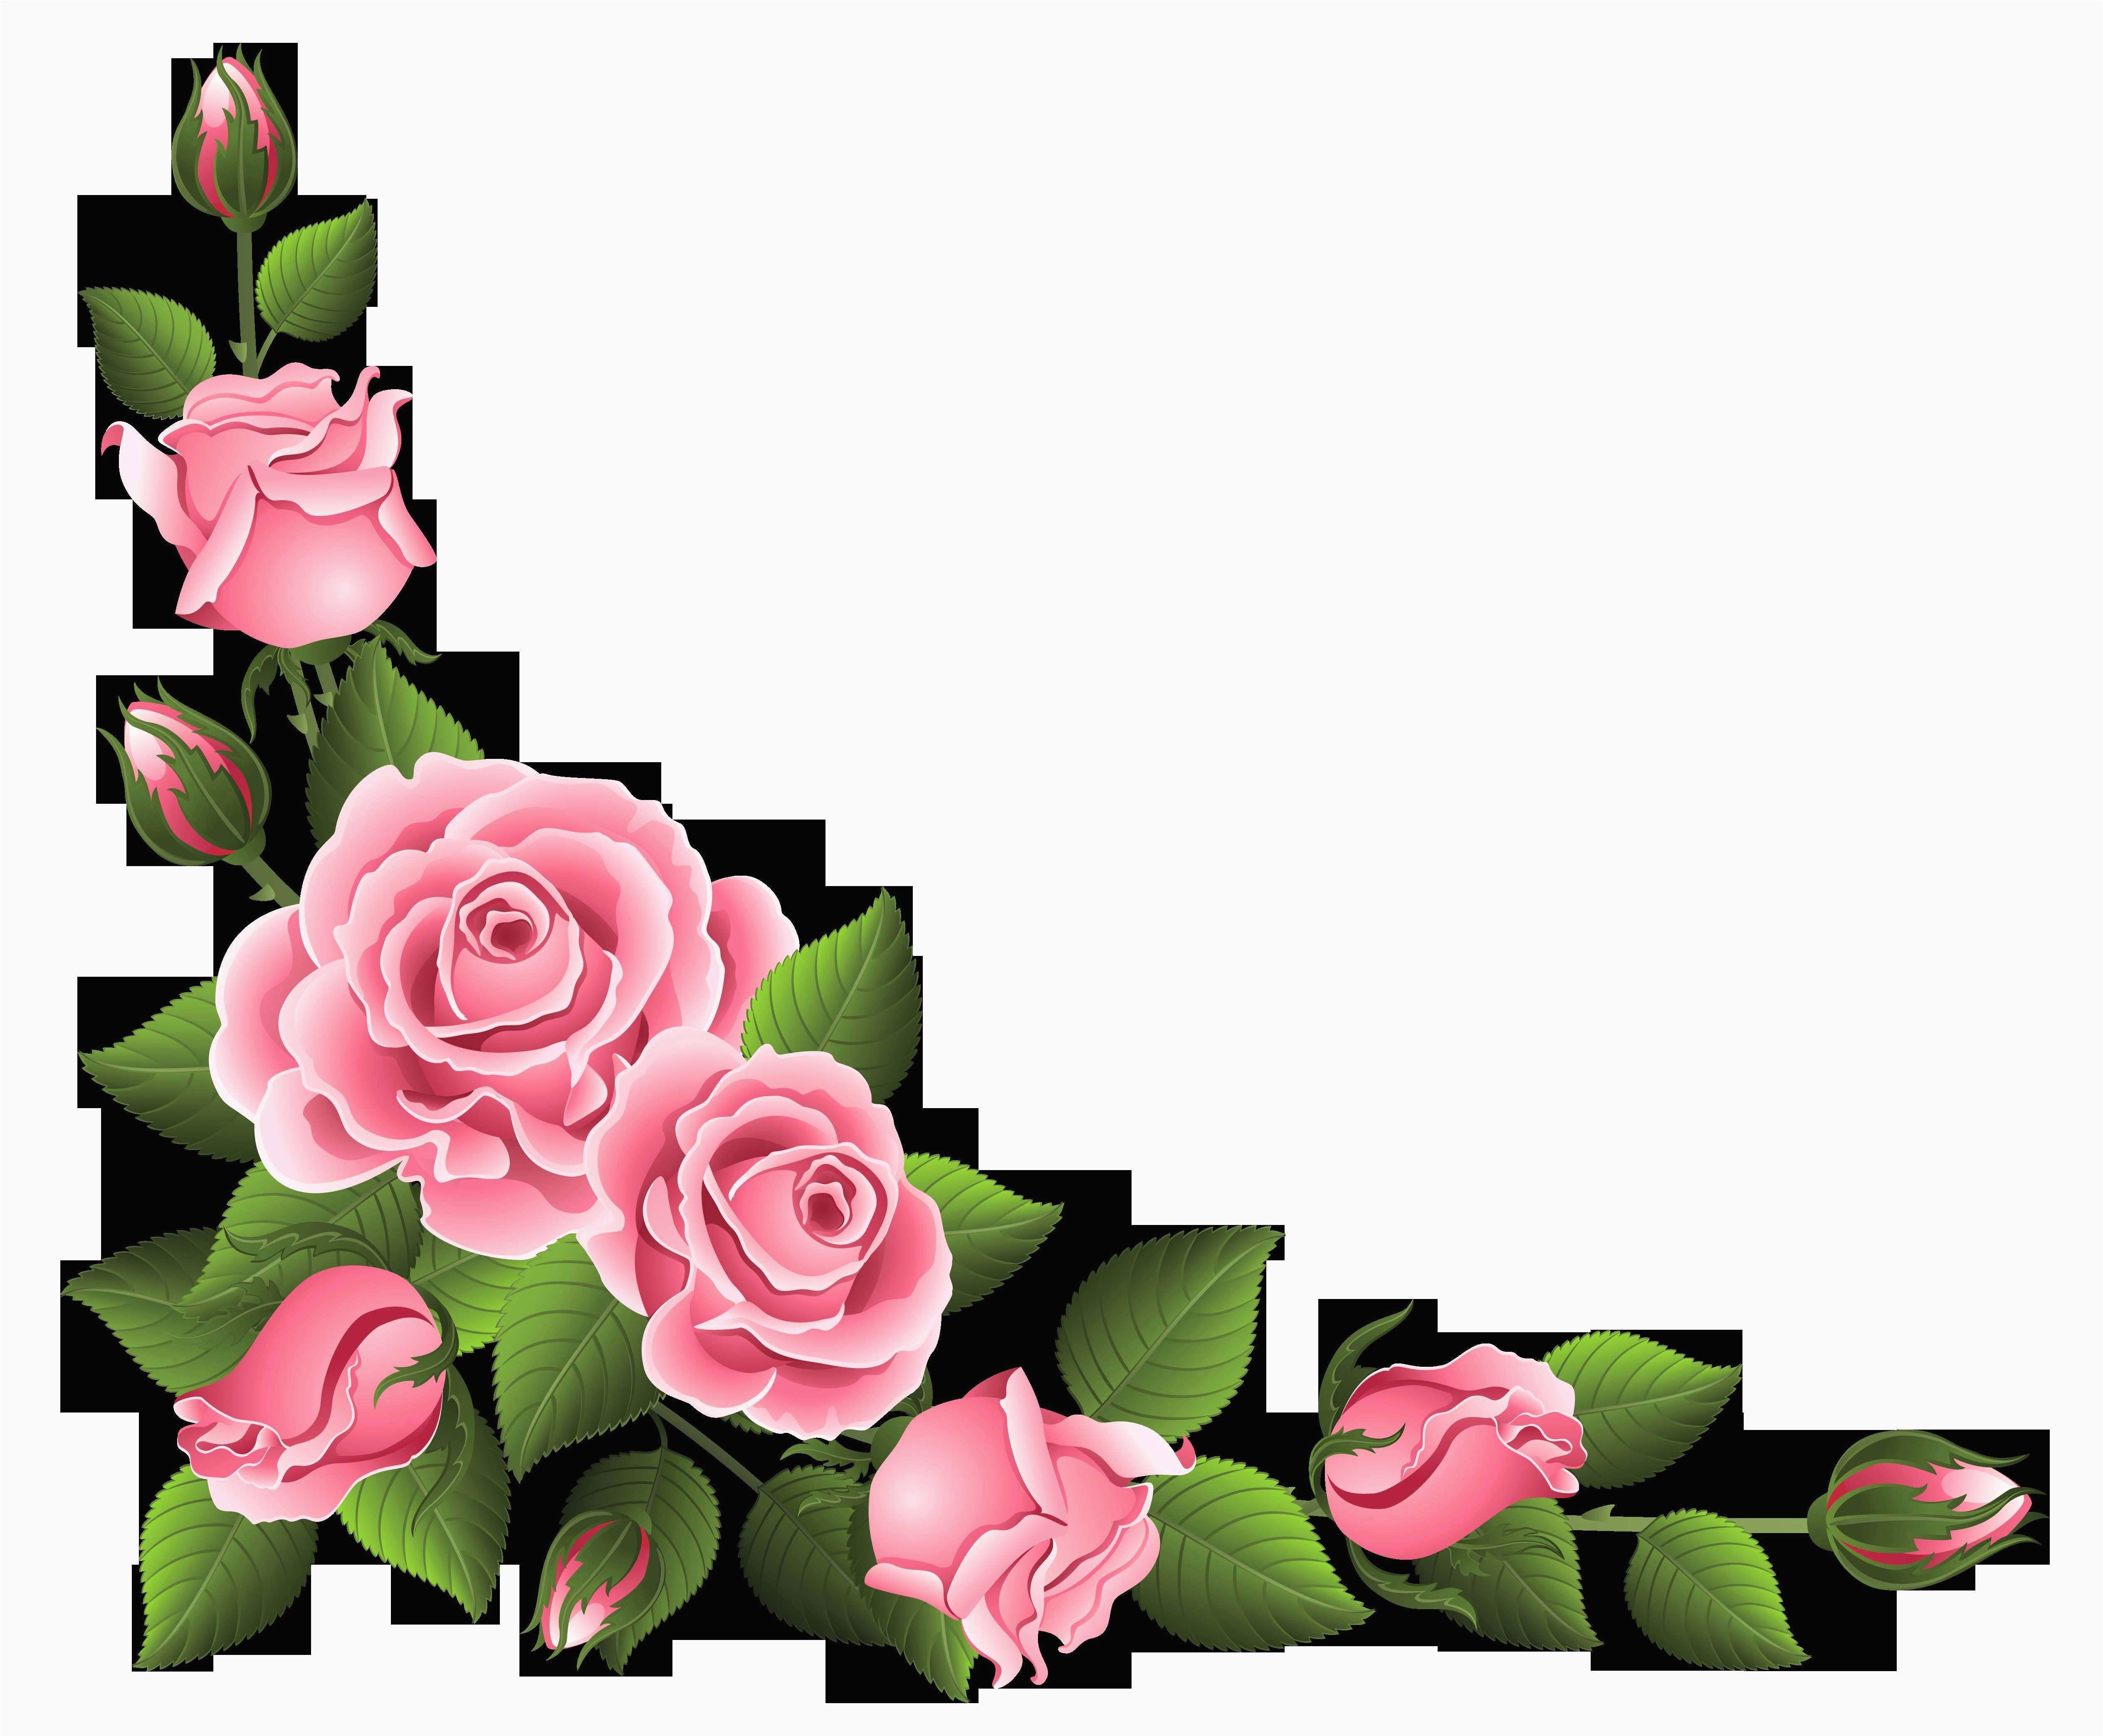 small vase decorating ideas of flower clipart review bodenvase deko neu flower vase table 04h vases pertaining to flower clipart latest bodenvase deko neu flower vase table 04h vases tablei 0d clipart 2zy trending